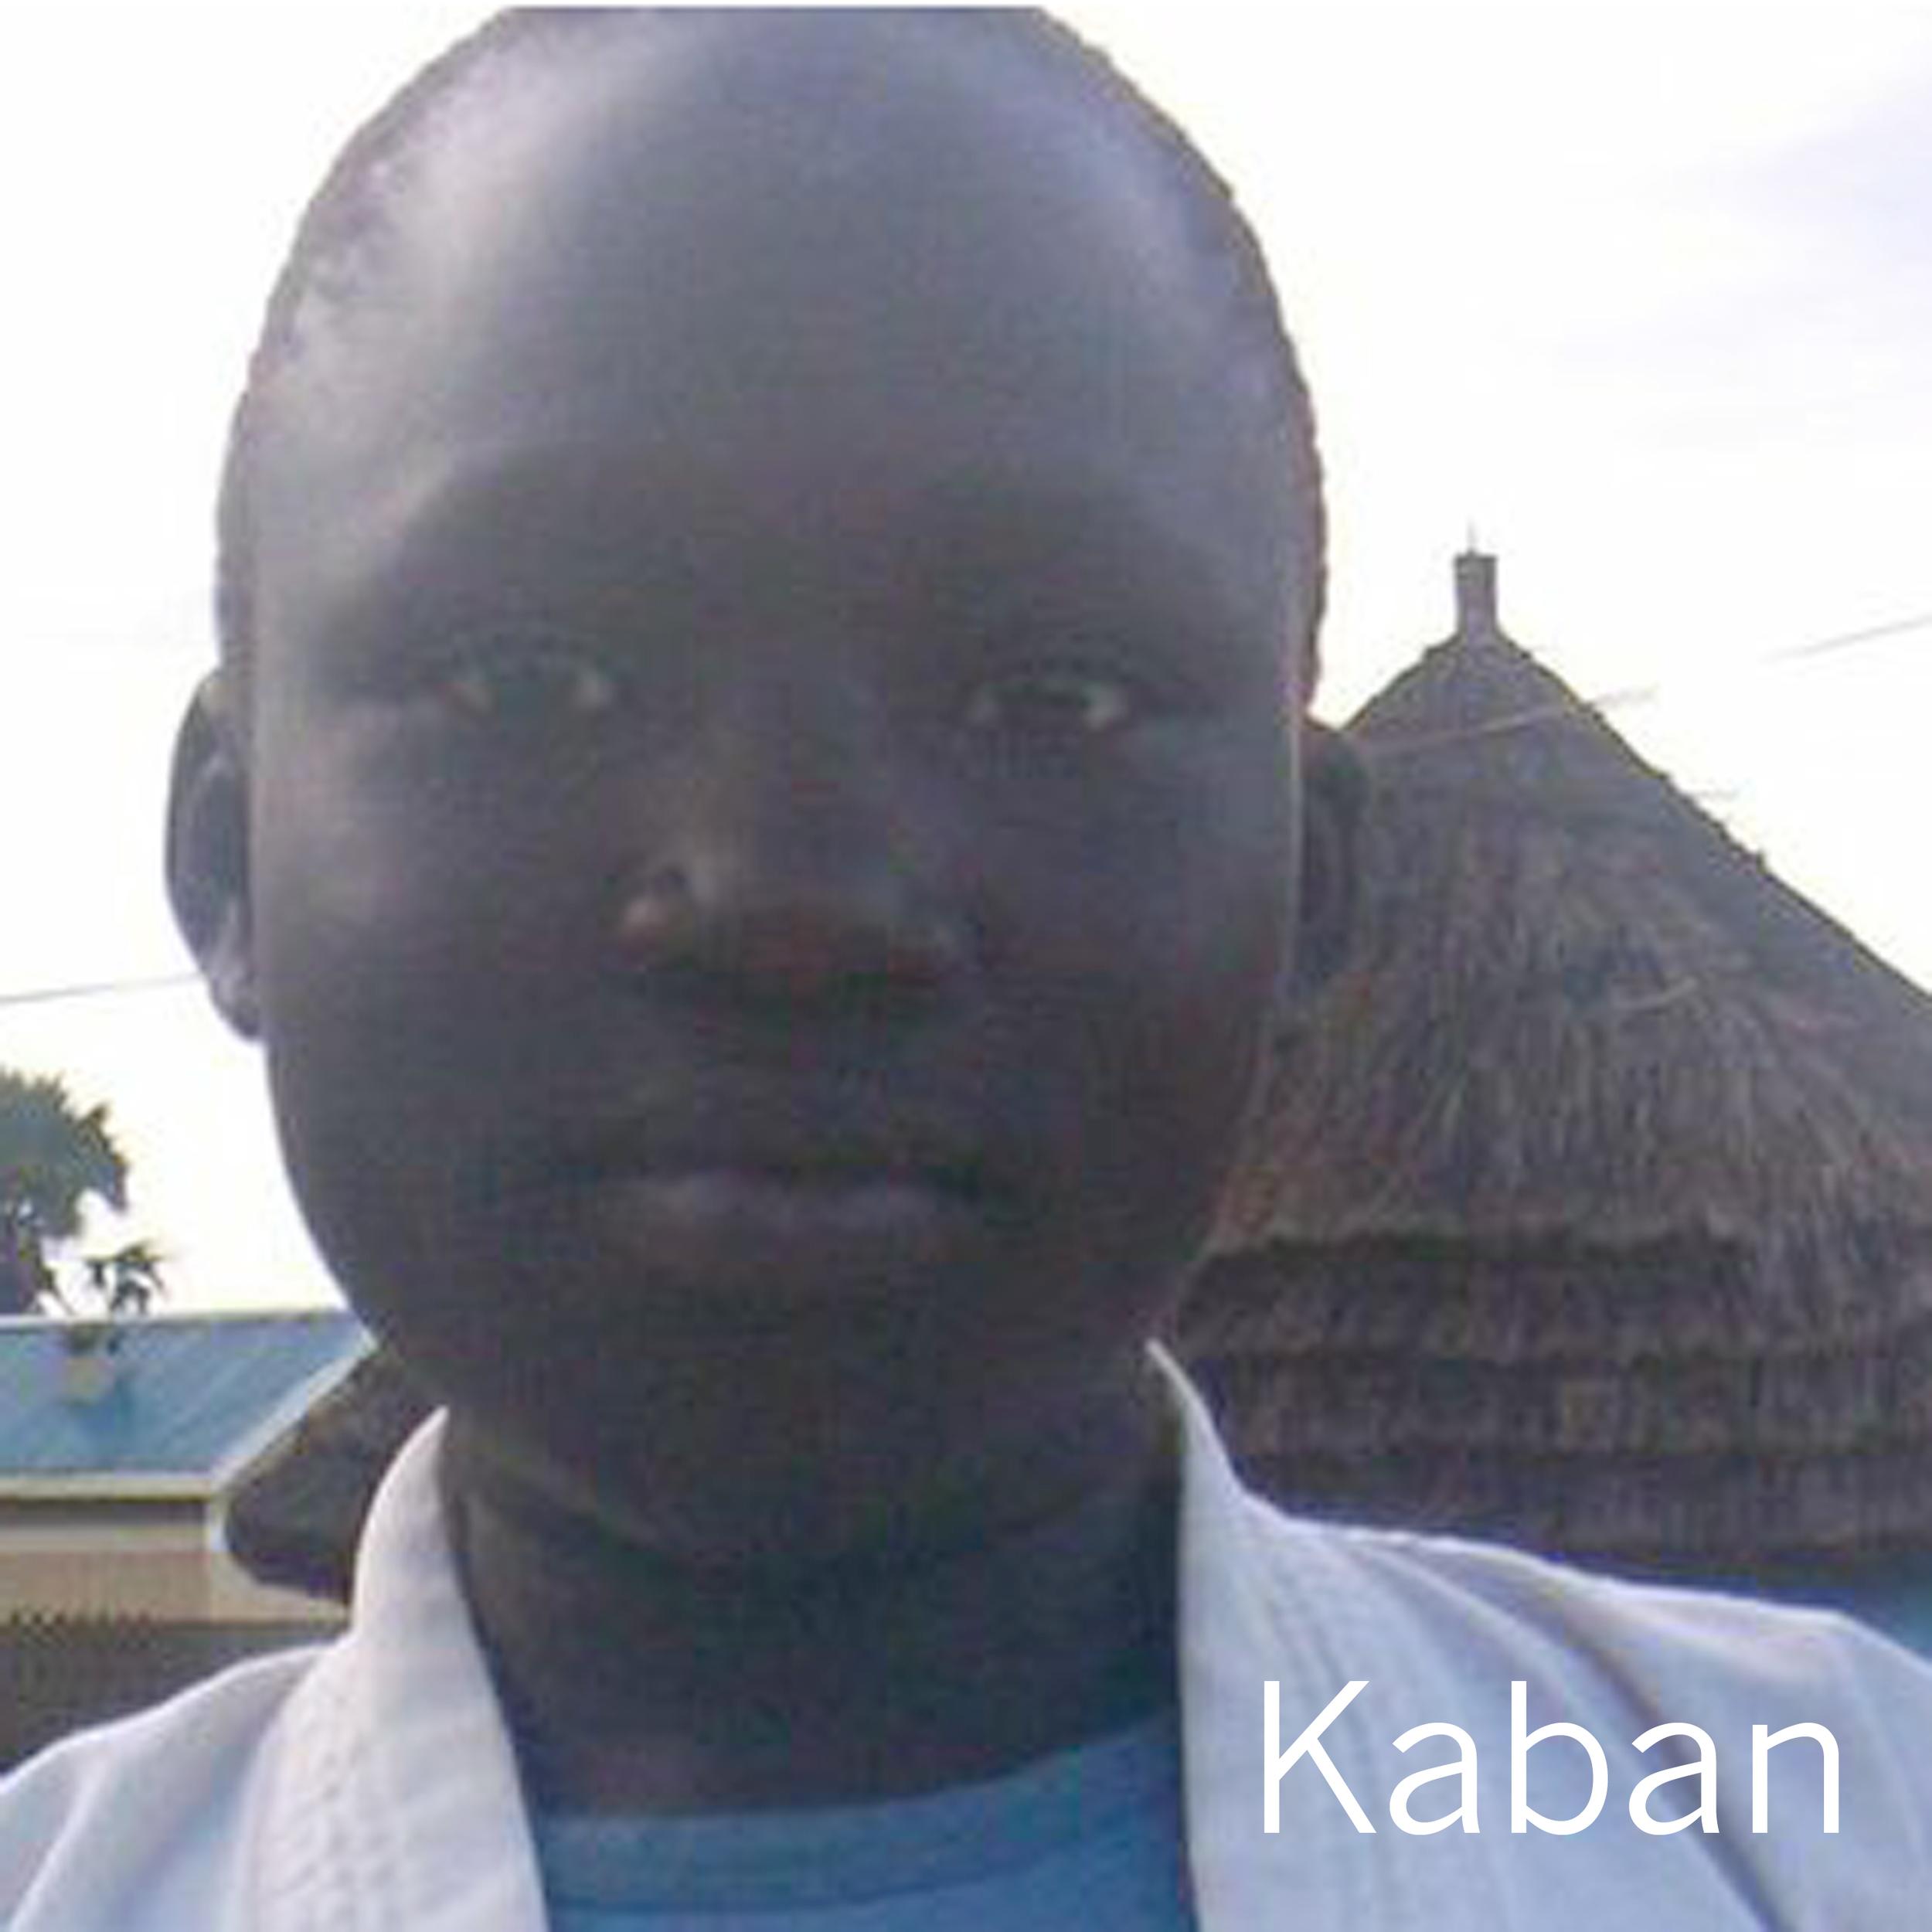 kaban001_Name.jpg